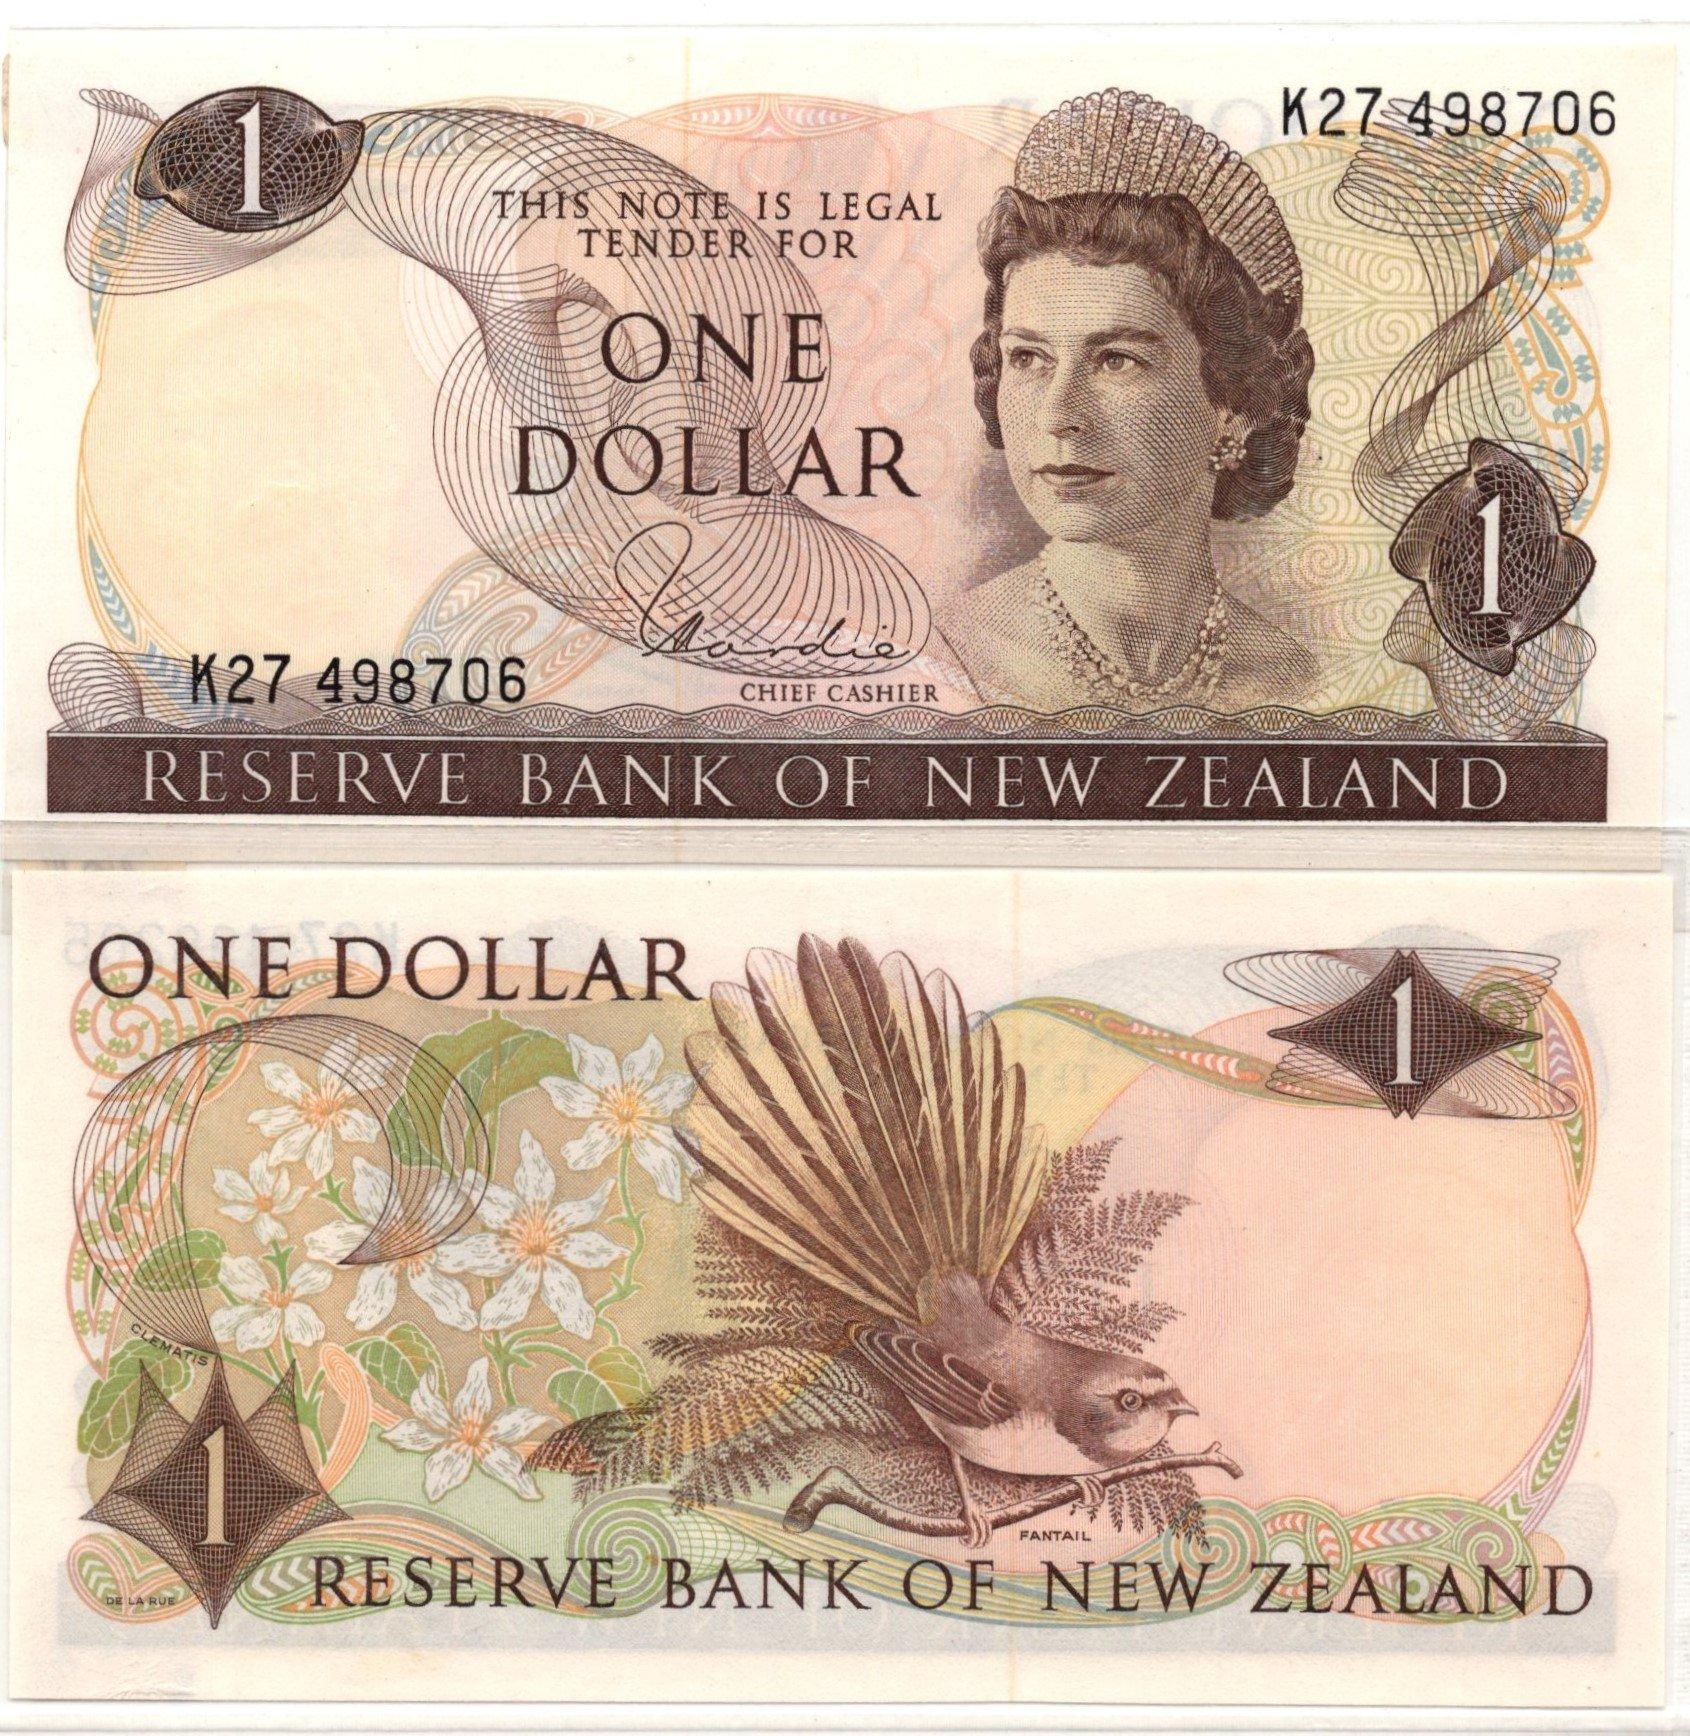 NZ 1 dollar